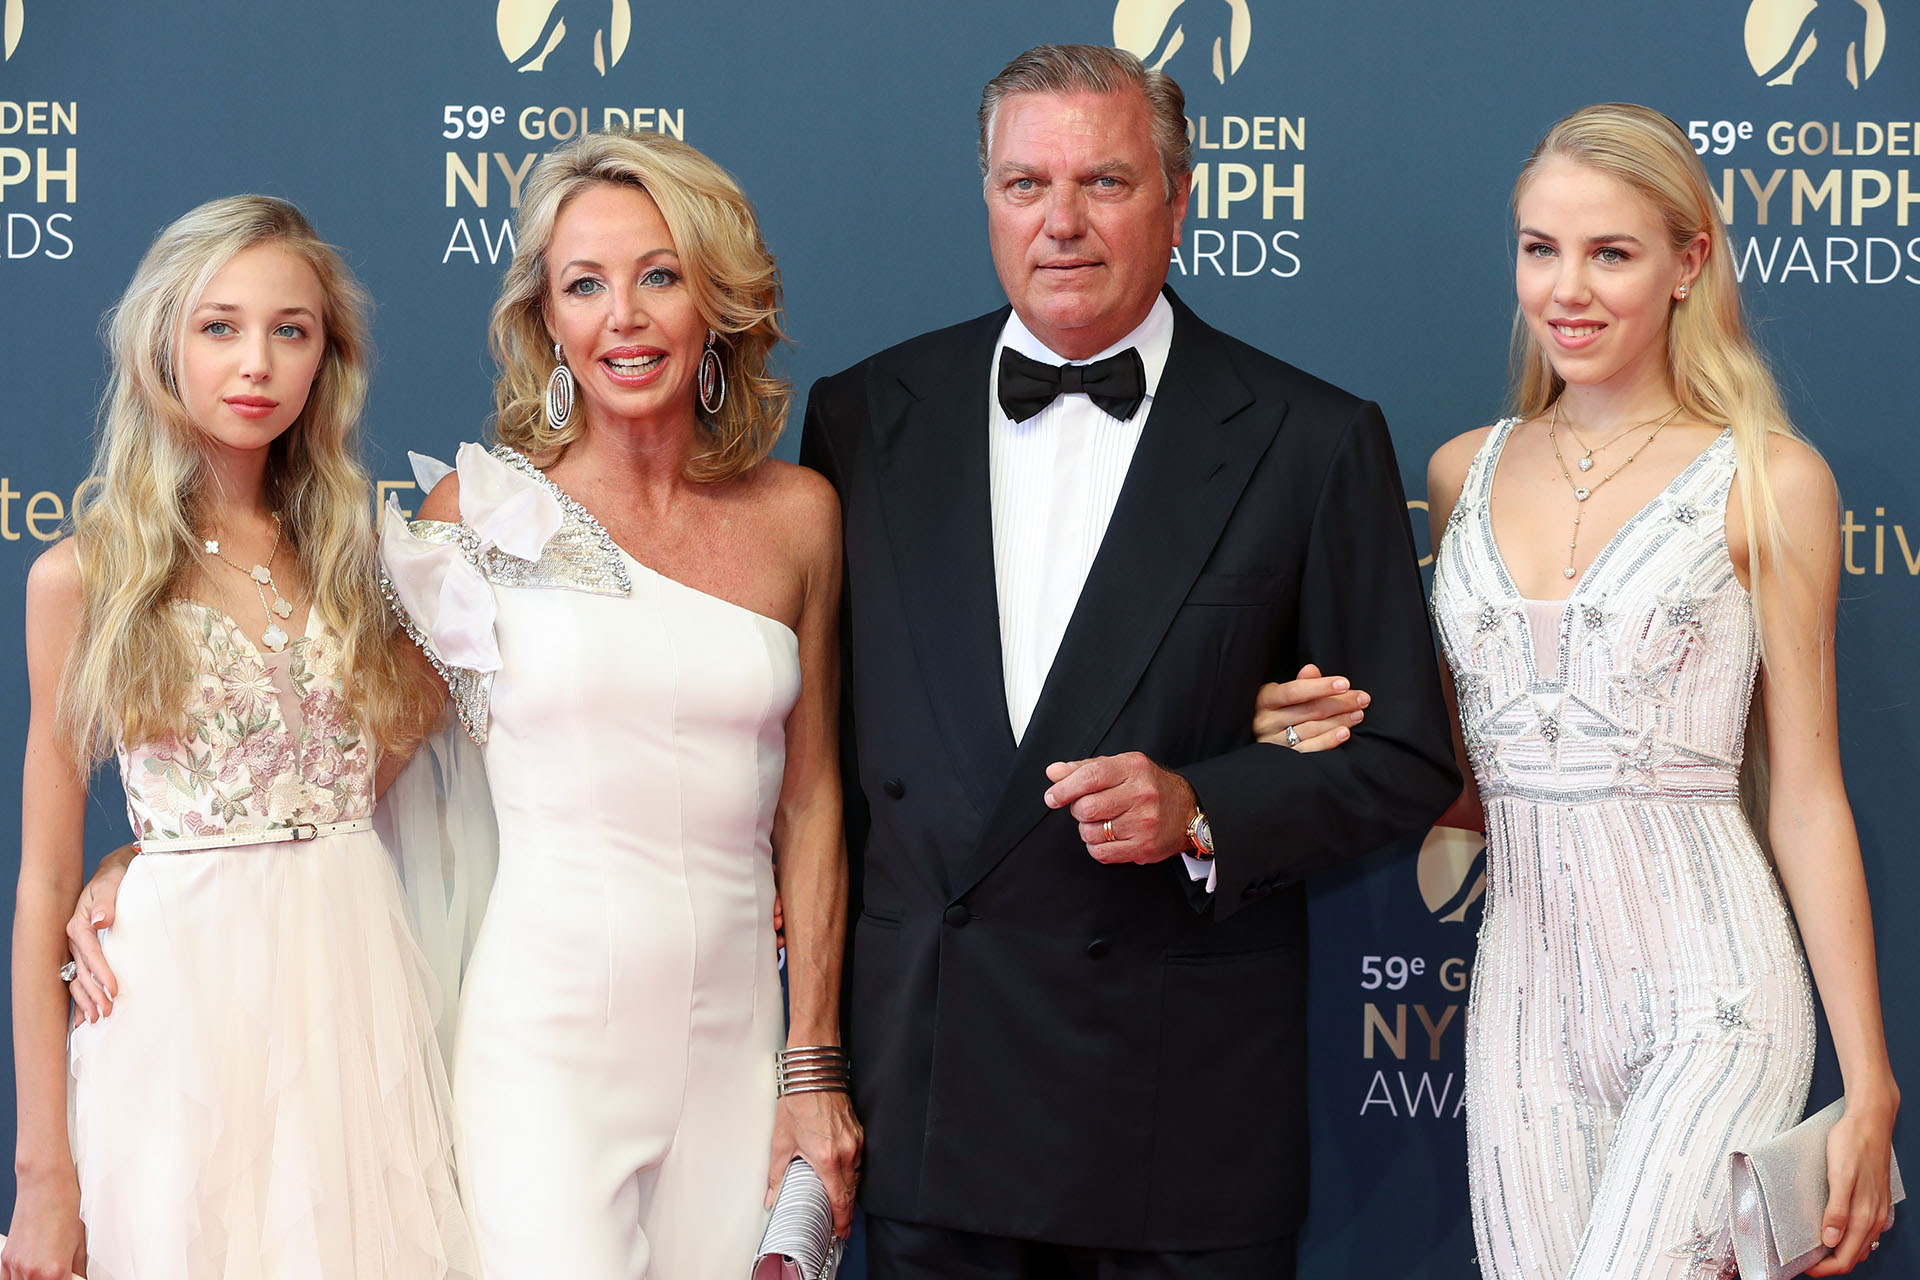 El príncipe Carlos de Borbon de Sicily, su mujer Camilla y sus hijas Maria Chiara and Maria Carolina